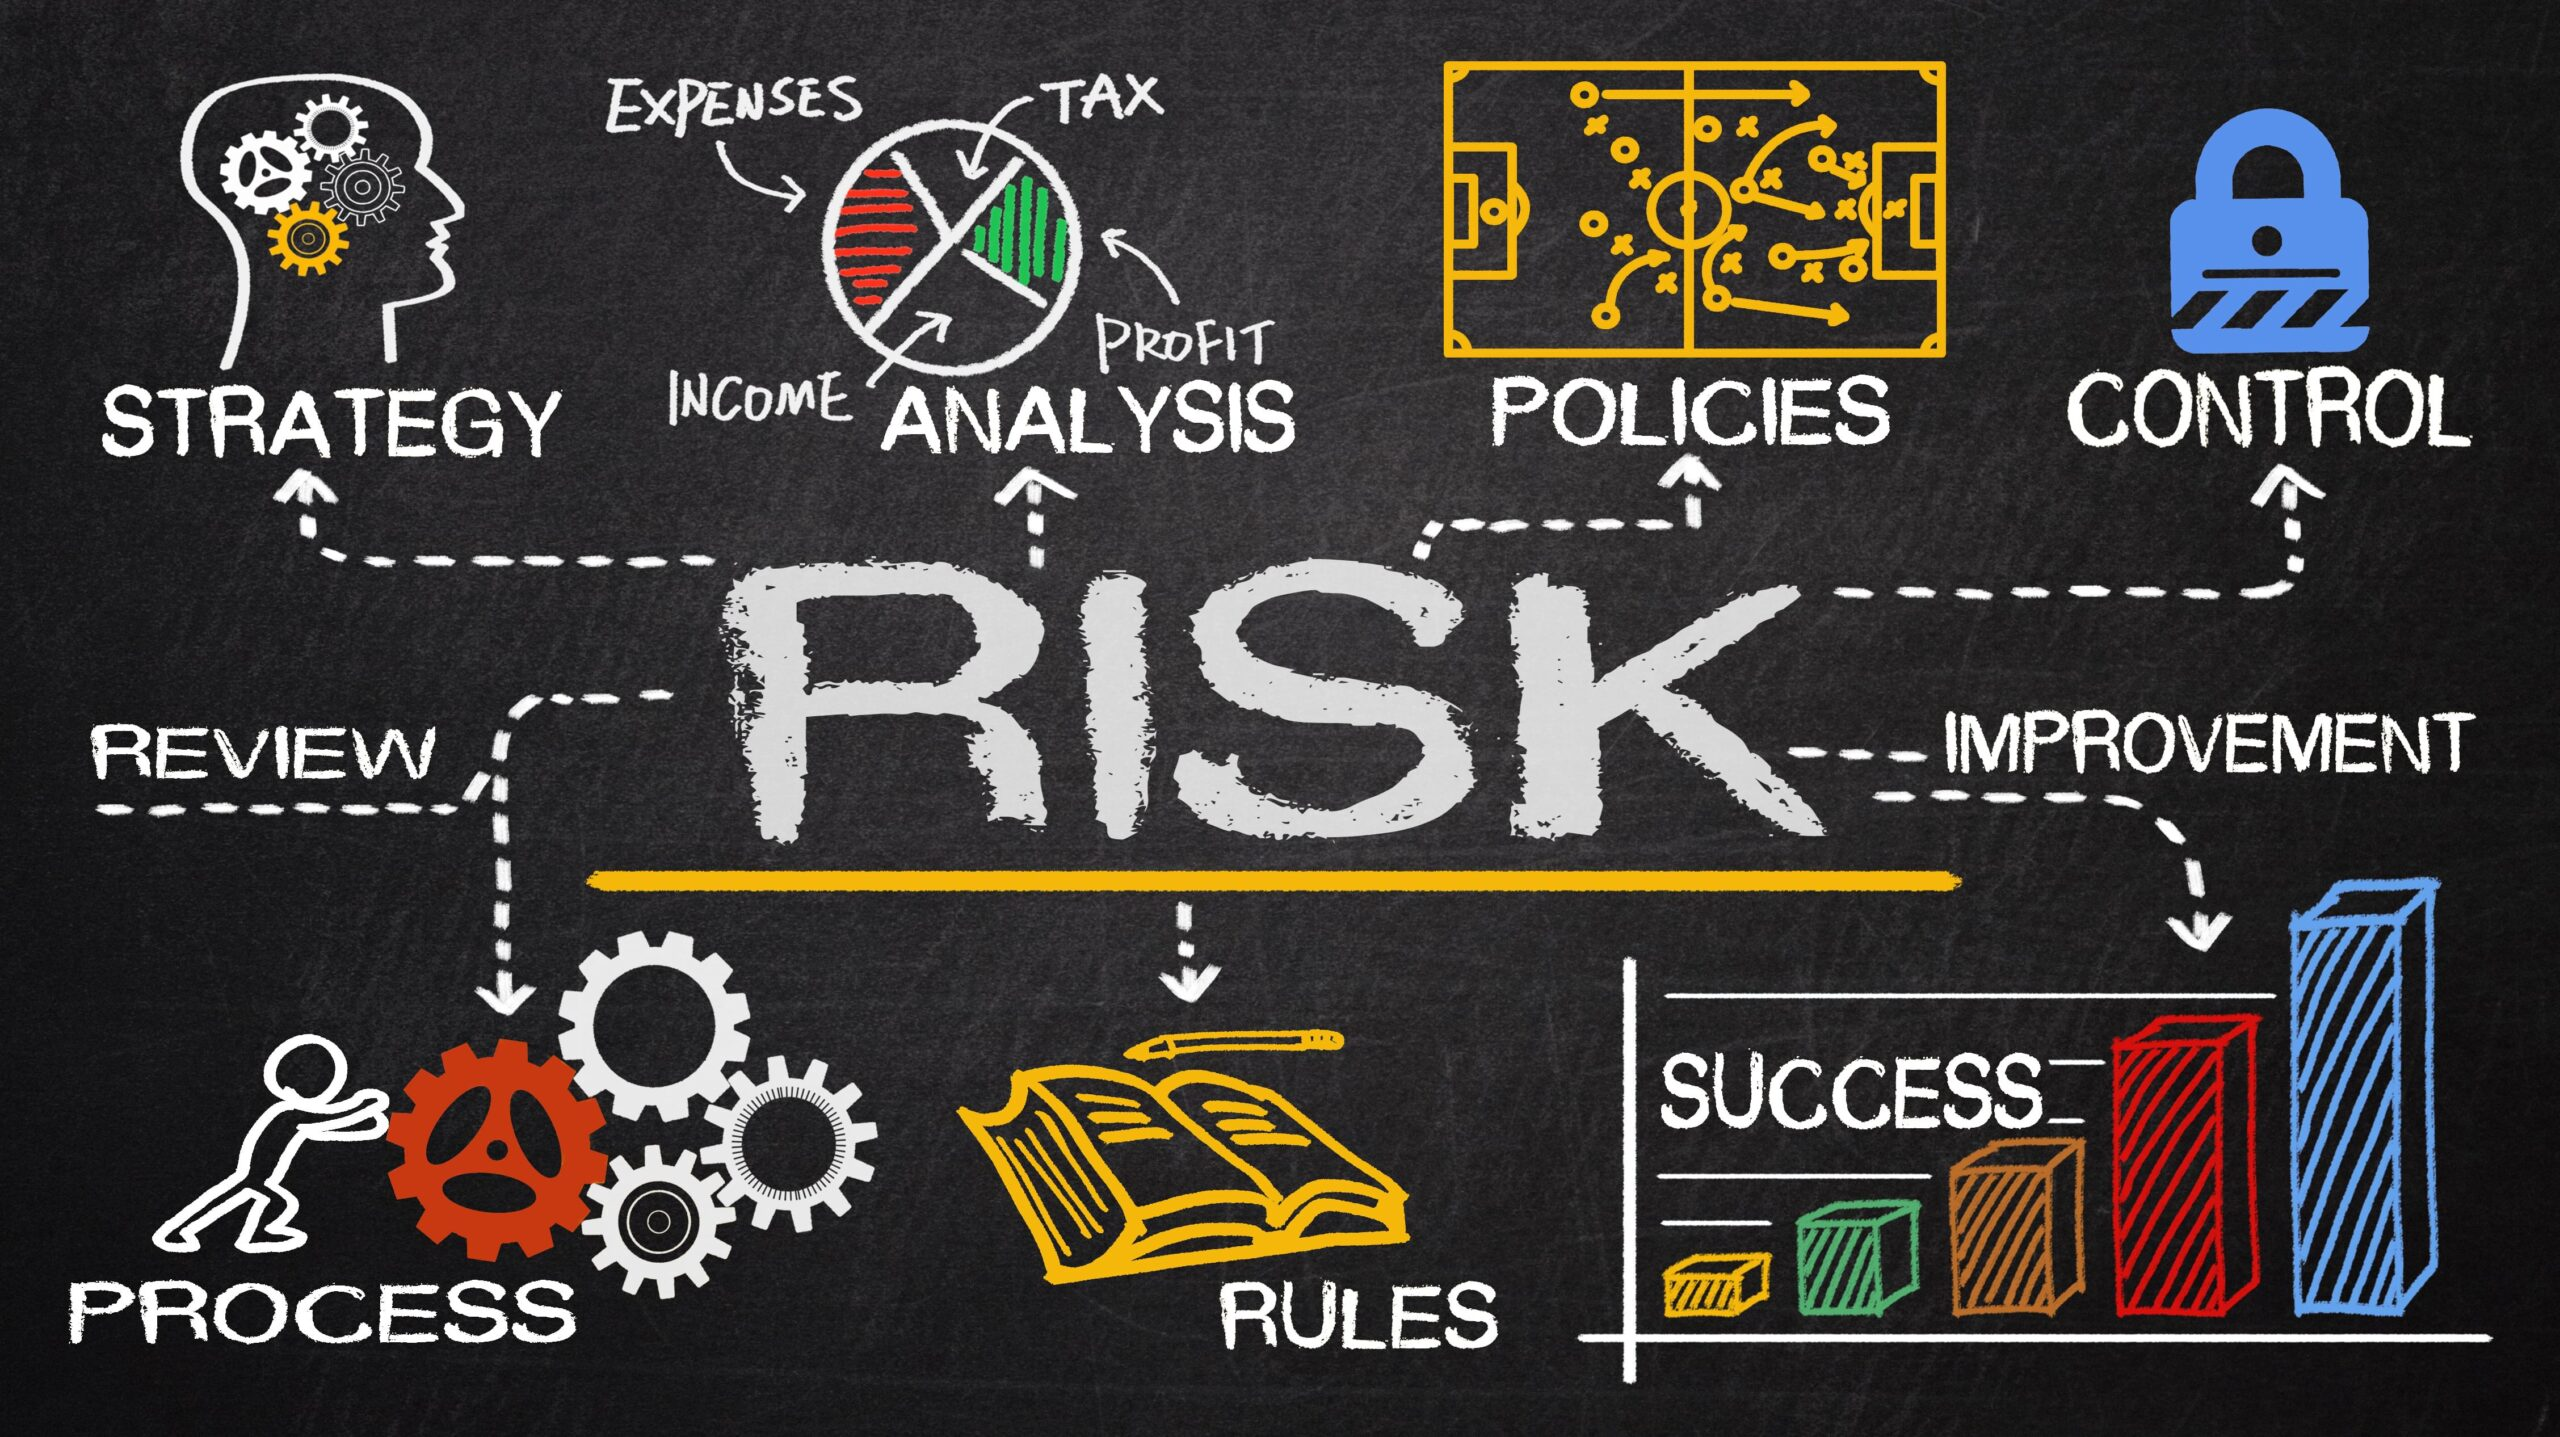 شروع سرمایهگذاری در سهام – قسمت چهلم و یکم